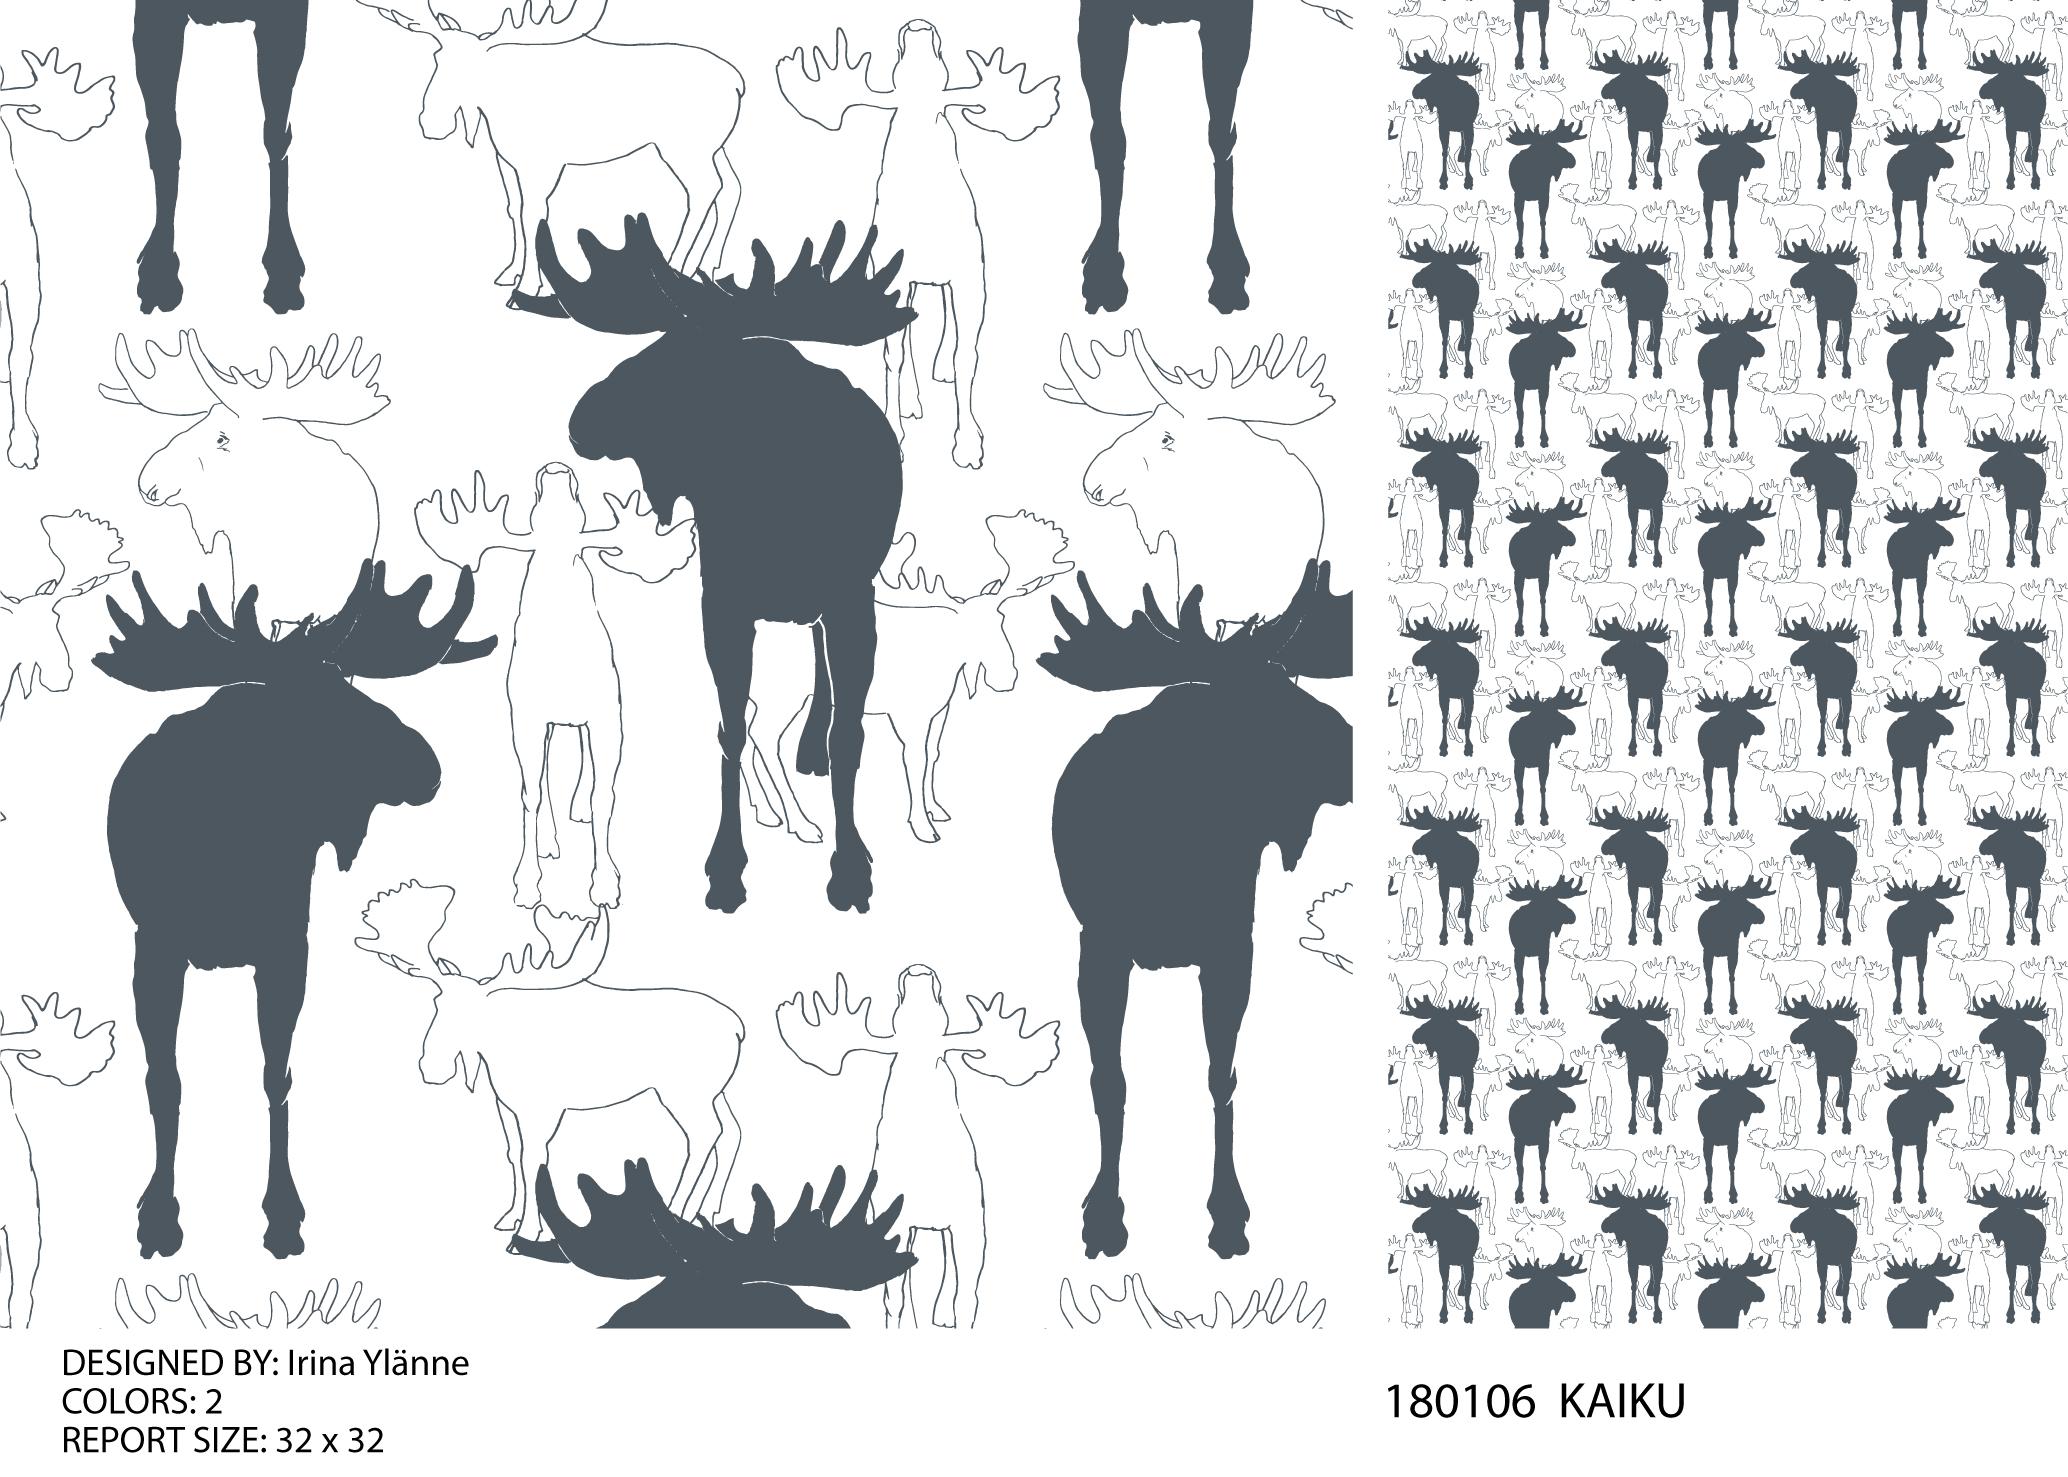 irinas_kaiku_180106-02